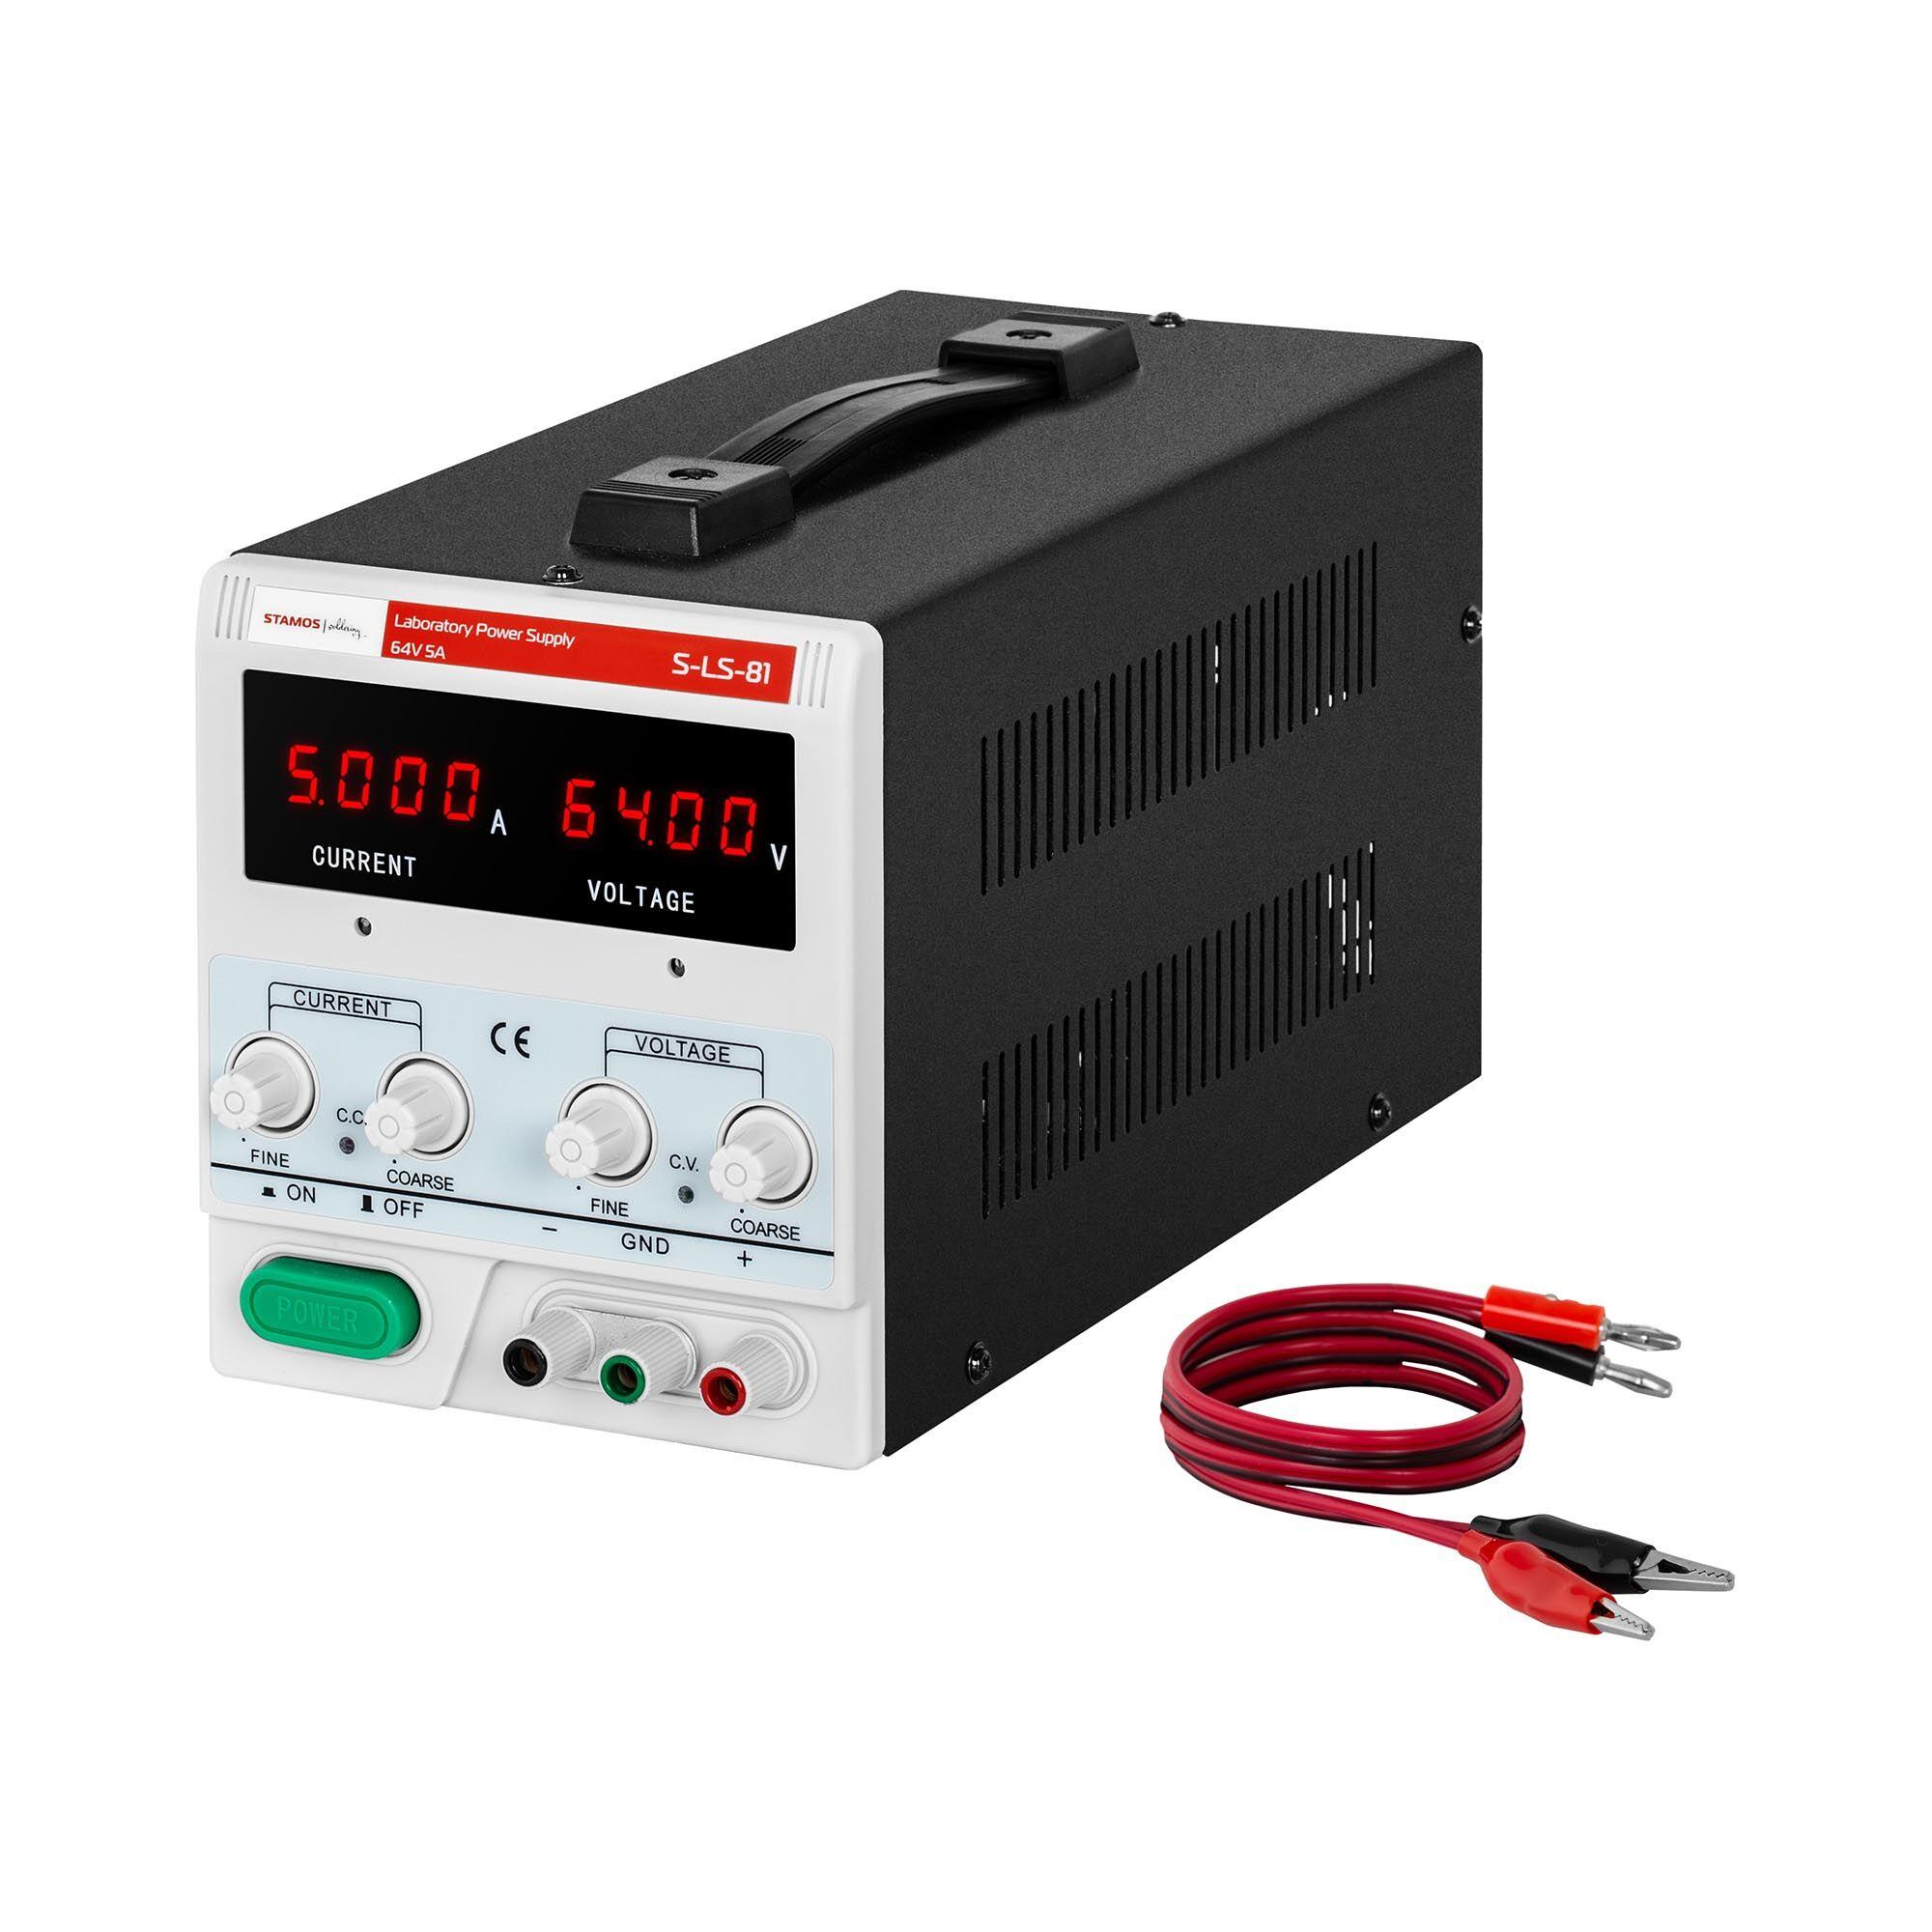 stamos soldering alimentatore stabilizzato da banco - 0-64 v - 0-5 a cc - 320 w s-ls-81